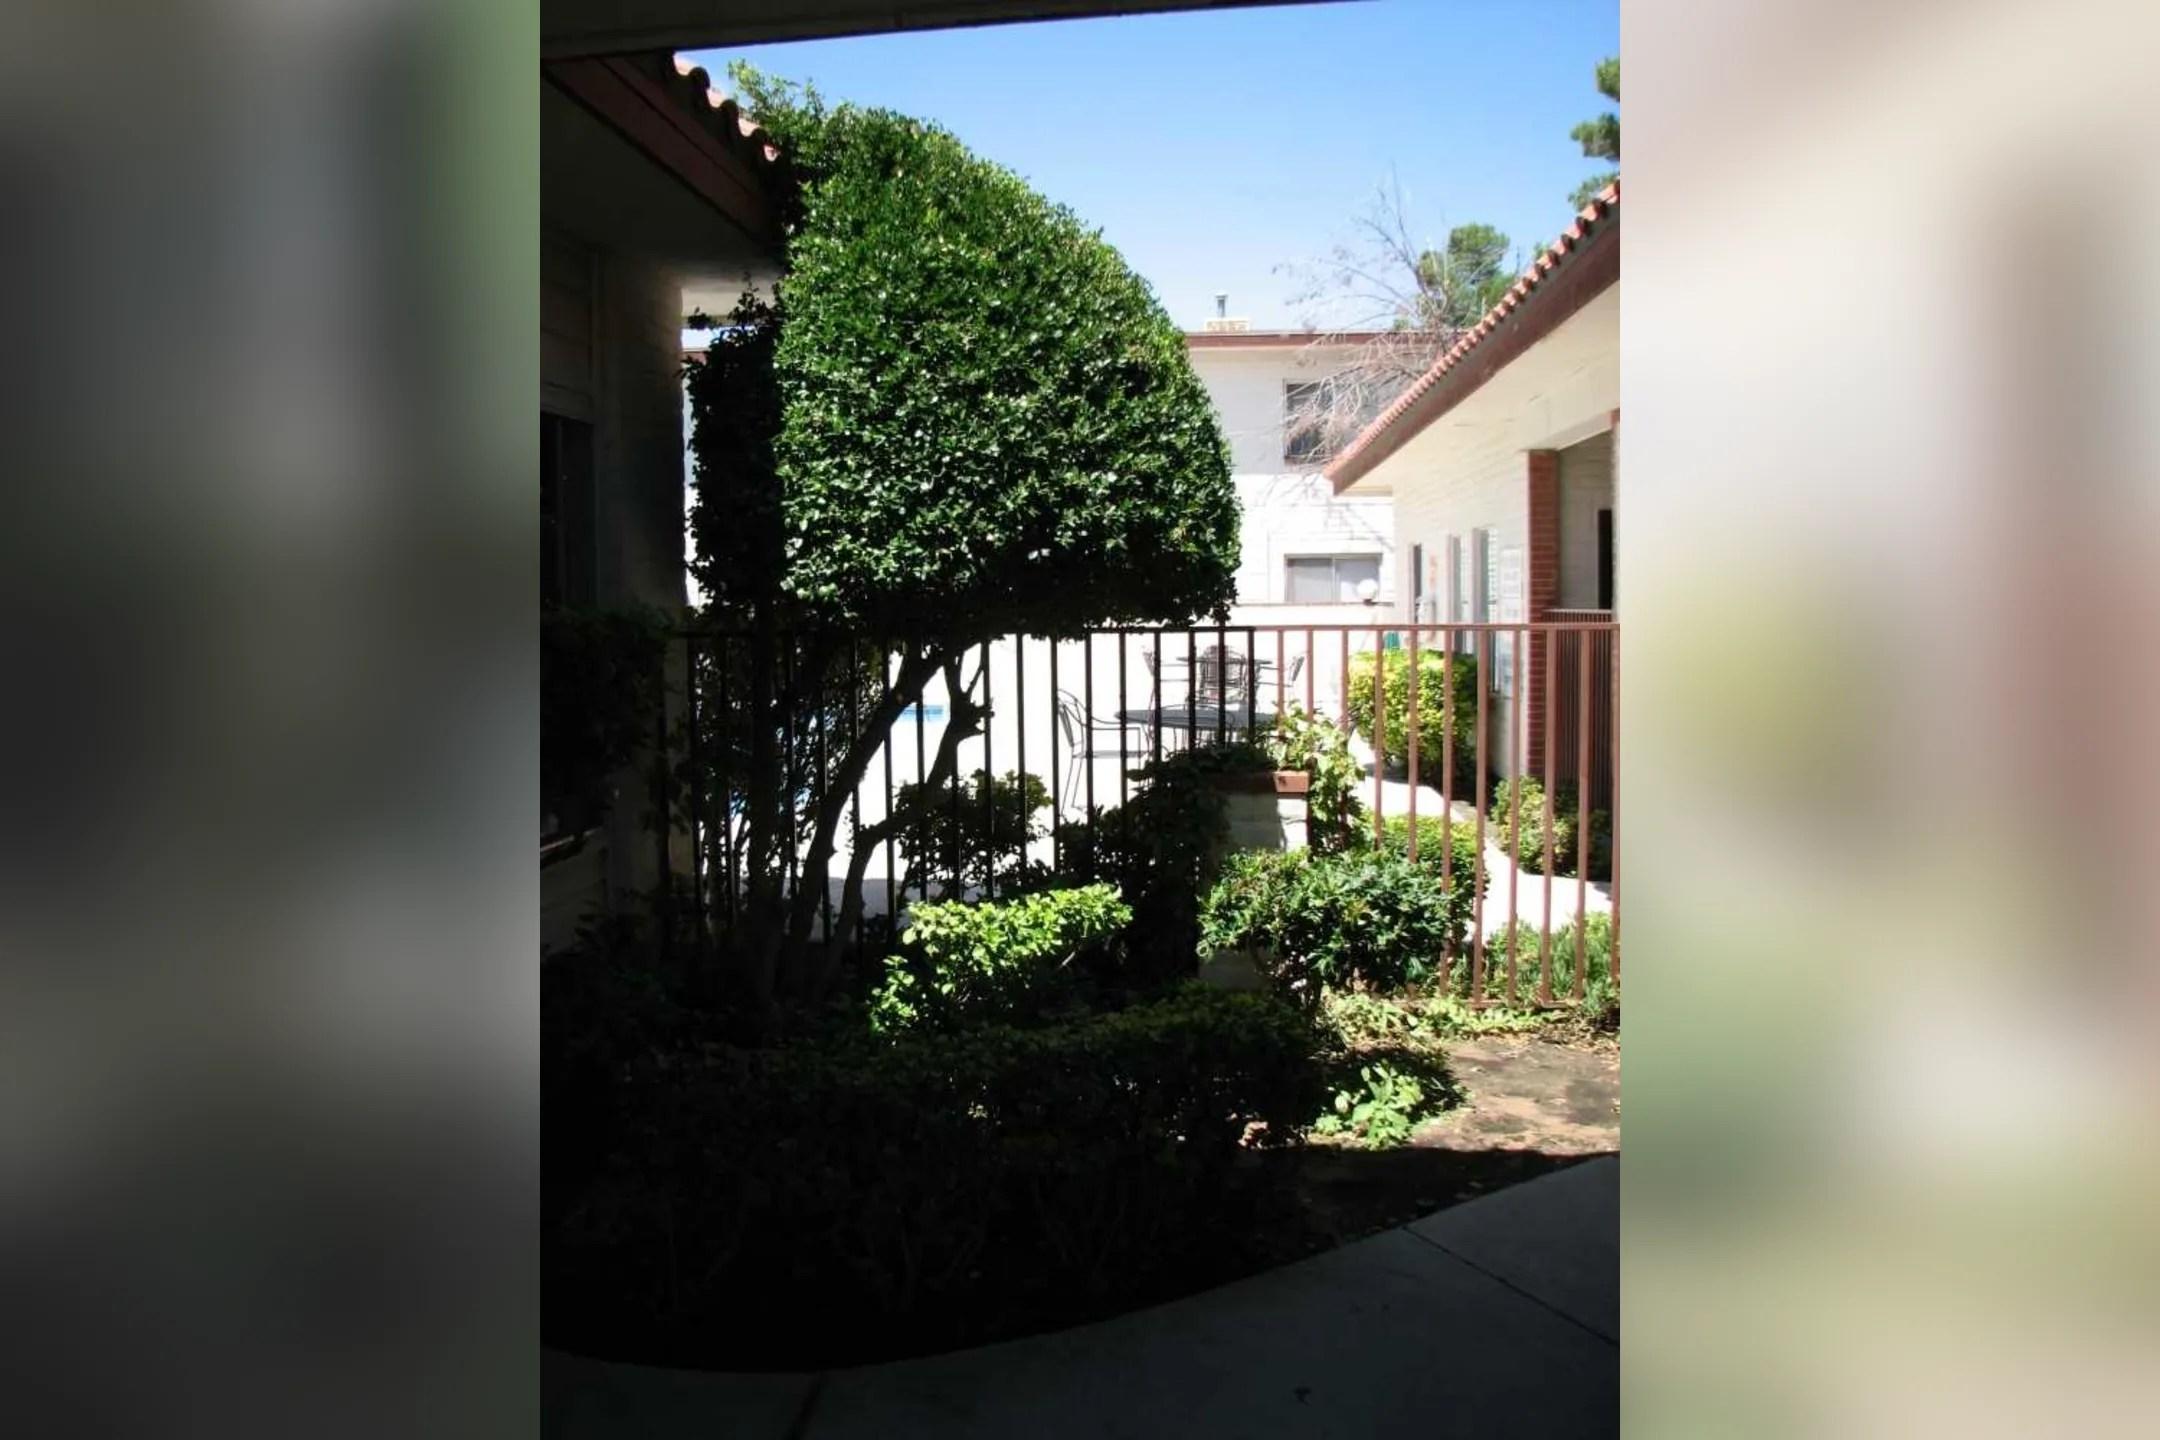 Park Ridge Apartments El Paso TX 79912 Apartments For